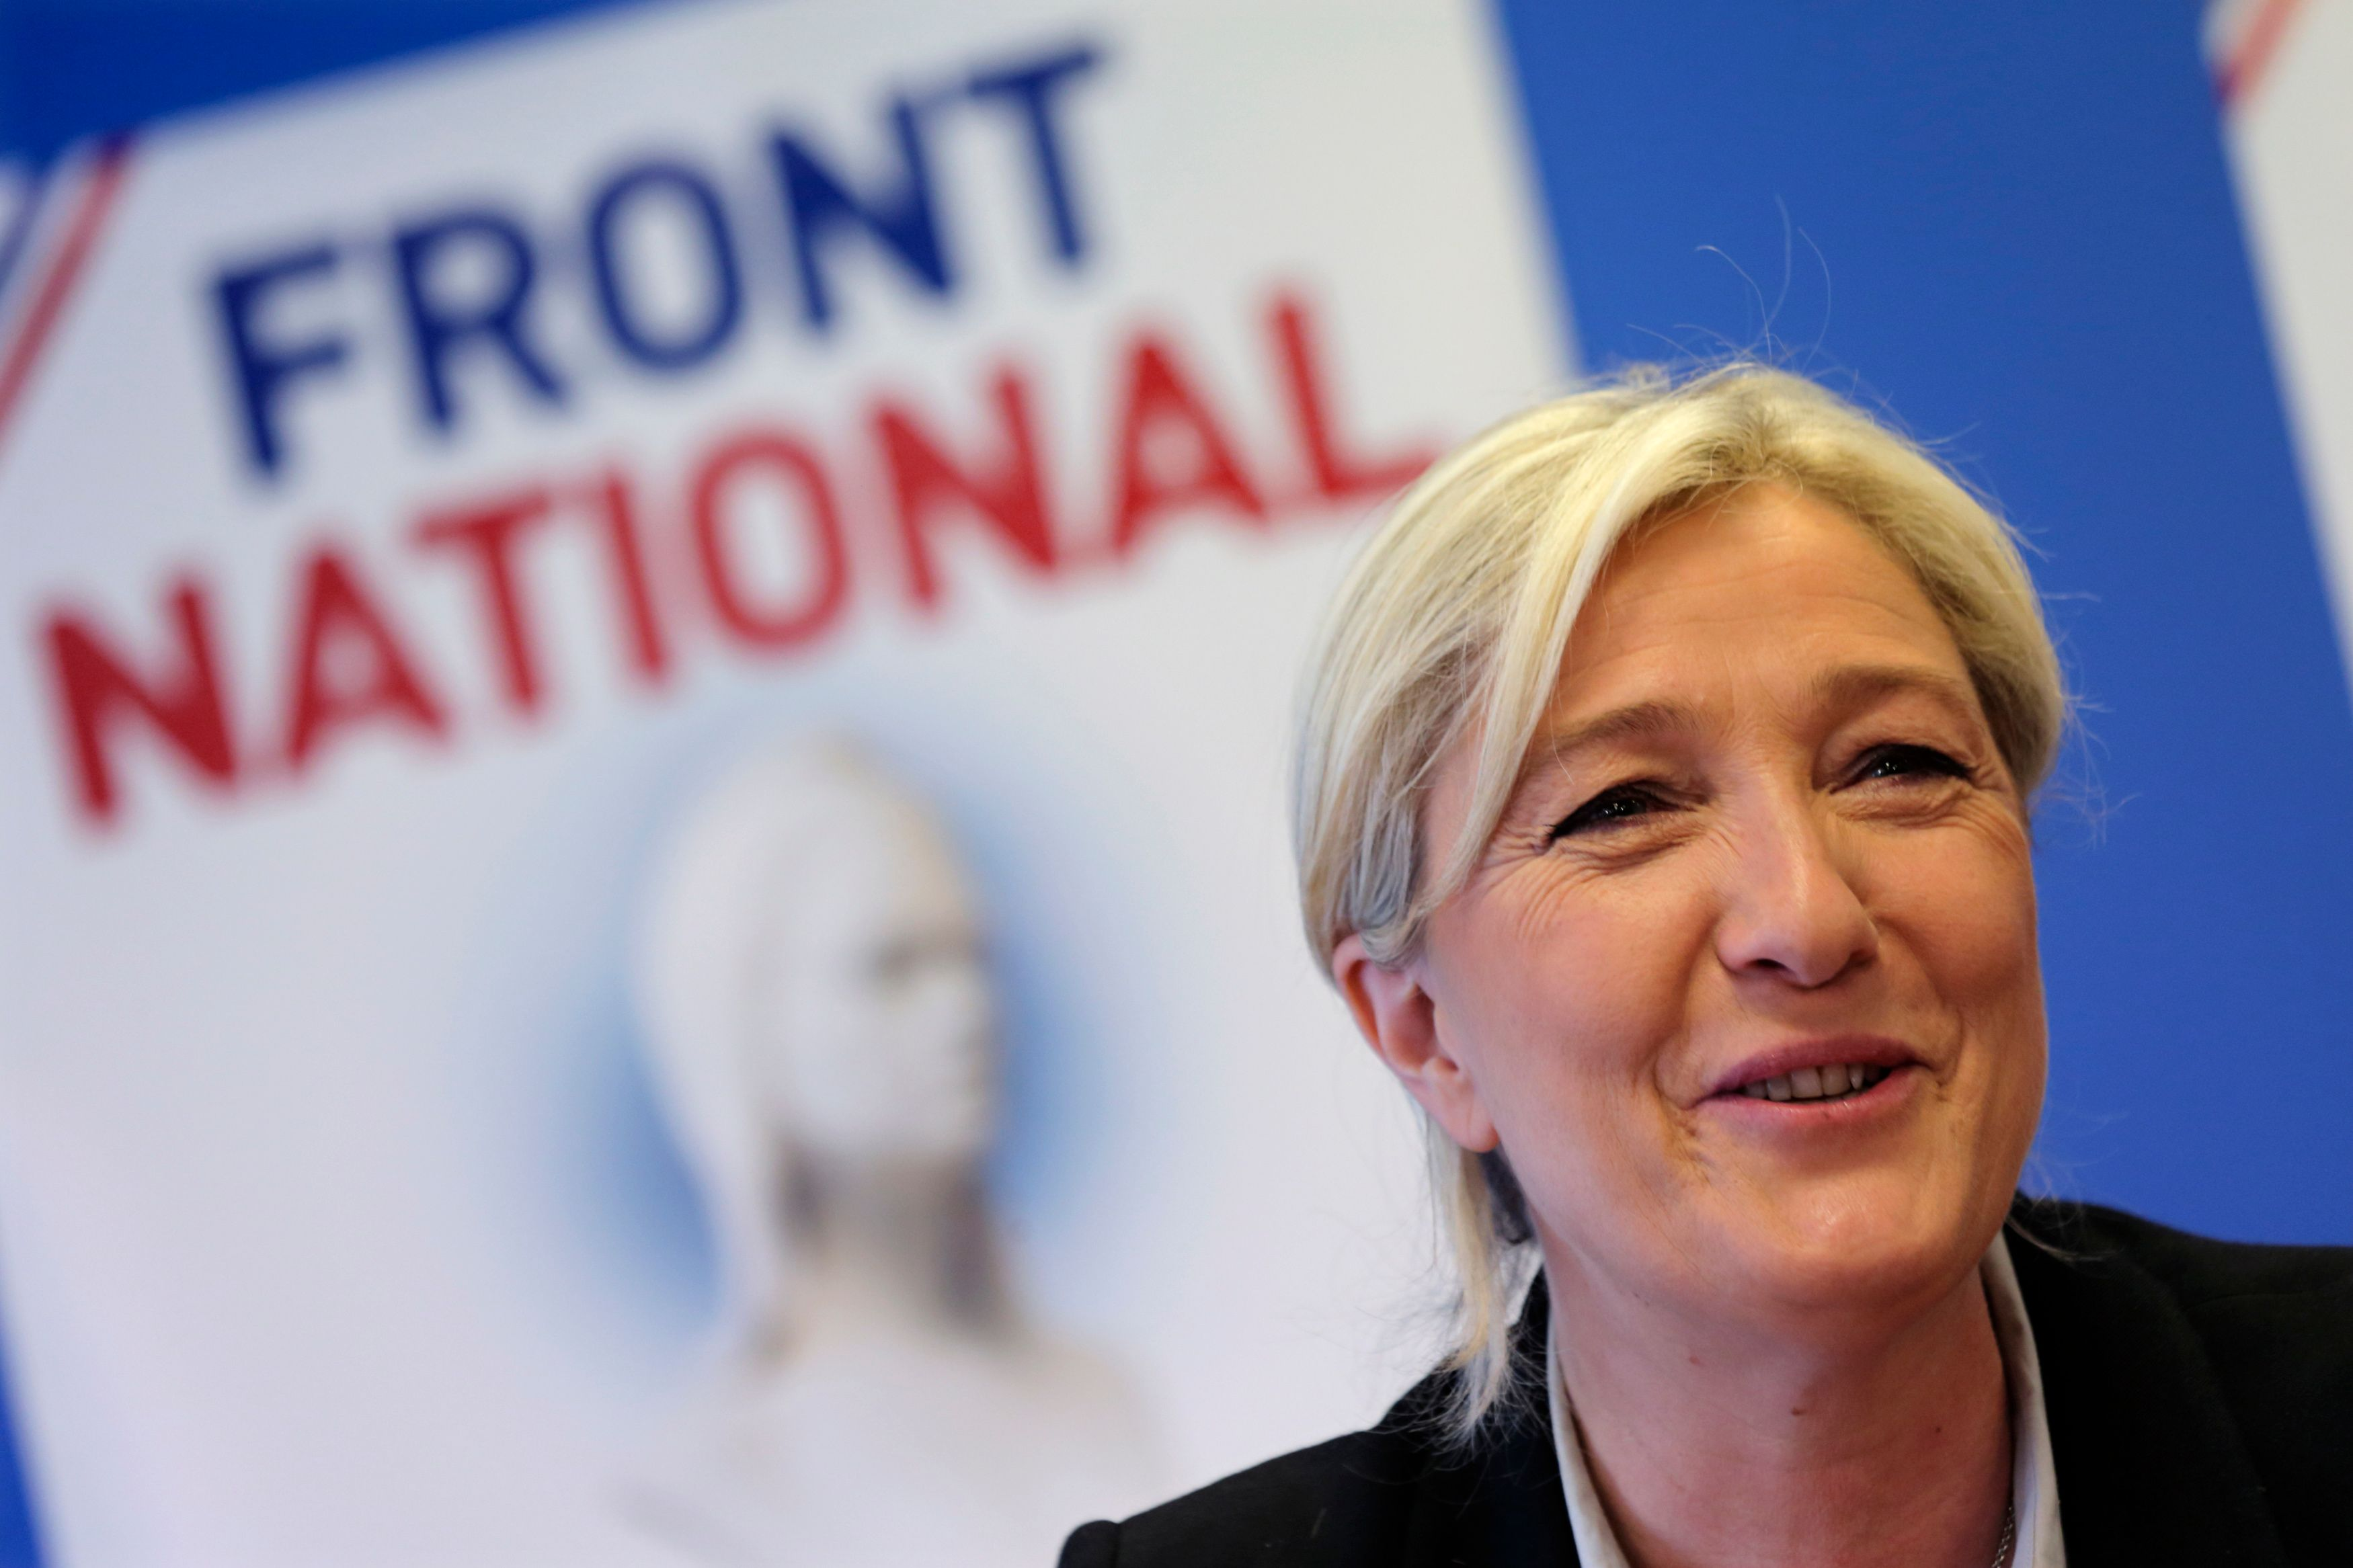 40 millions d'euros et non 9 millions d'euros auraient été empruntés par le FN